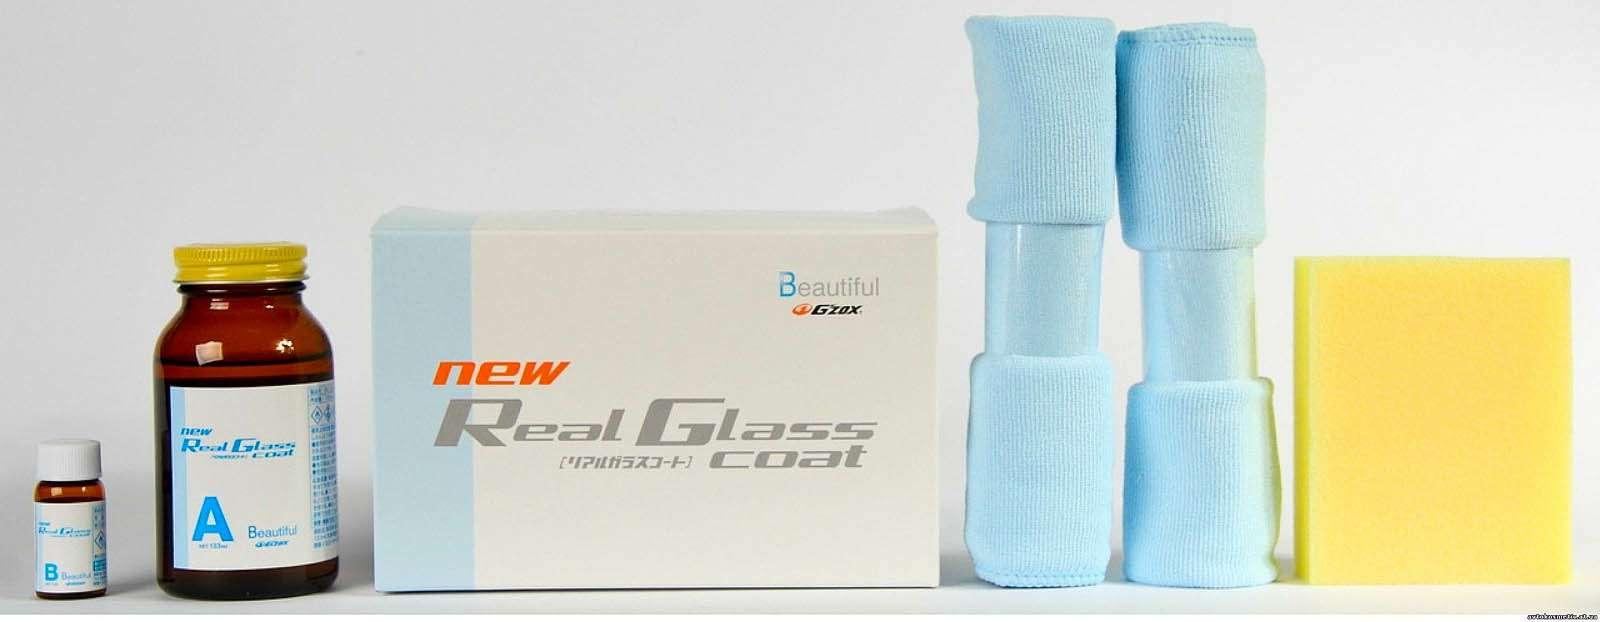 Бронекосметика: сравниваем защитные полировки длякузова— фото 603523